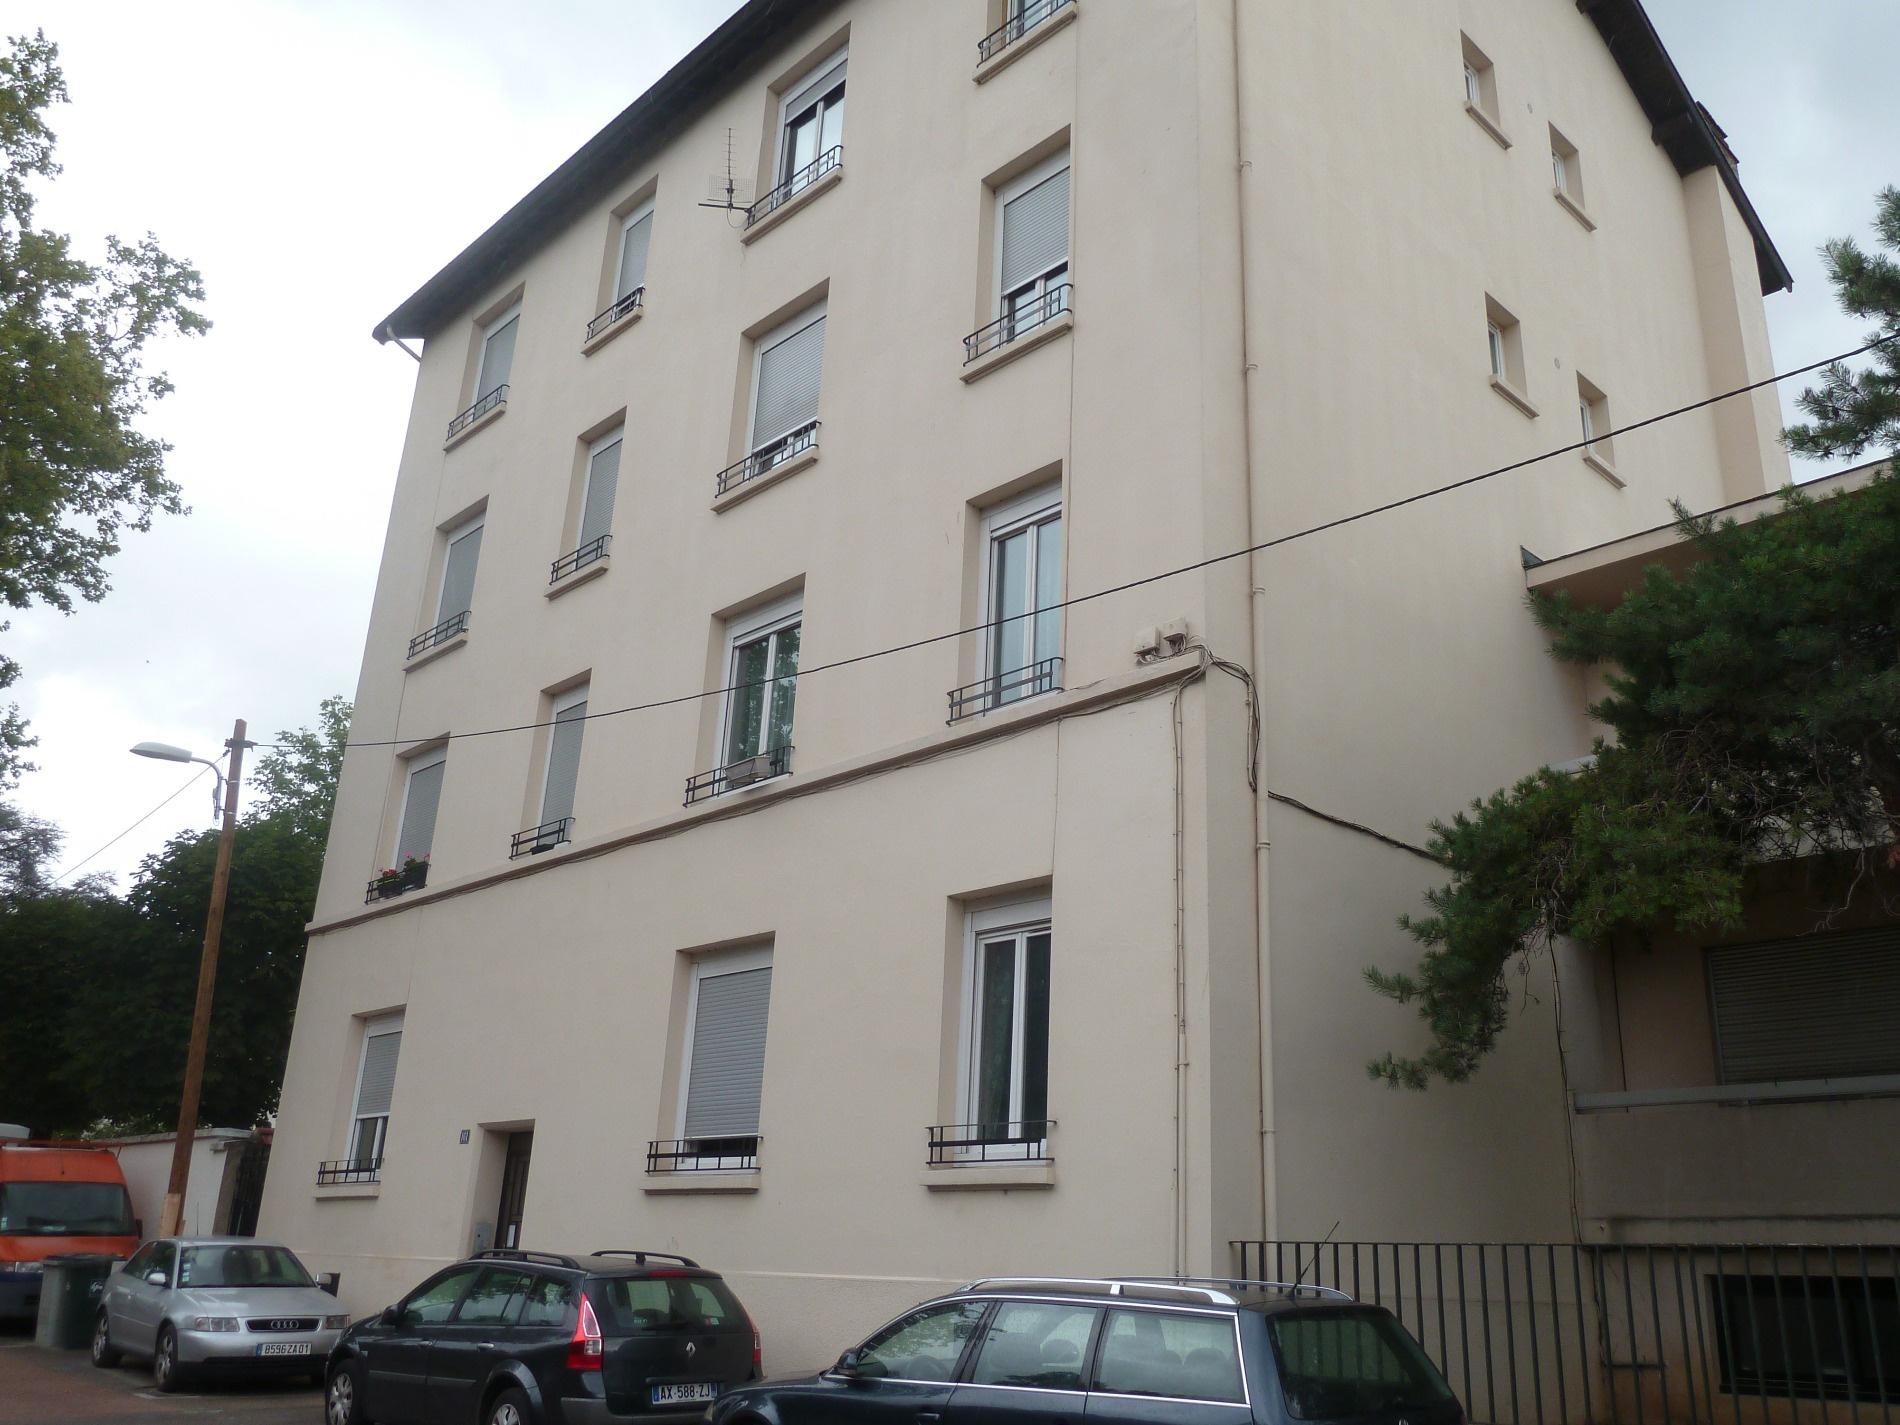 Location appartement bron 1 pi ce 490 mois sur le - Location appartement bron ...